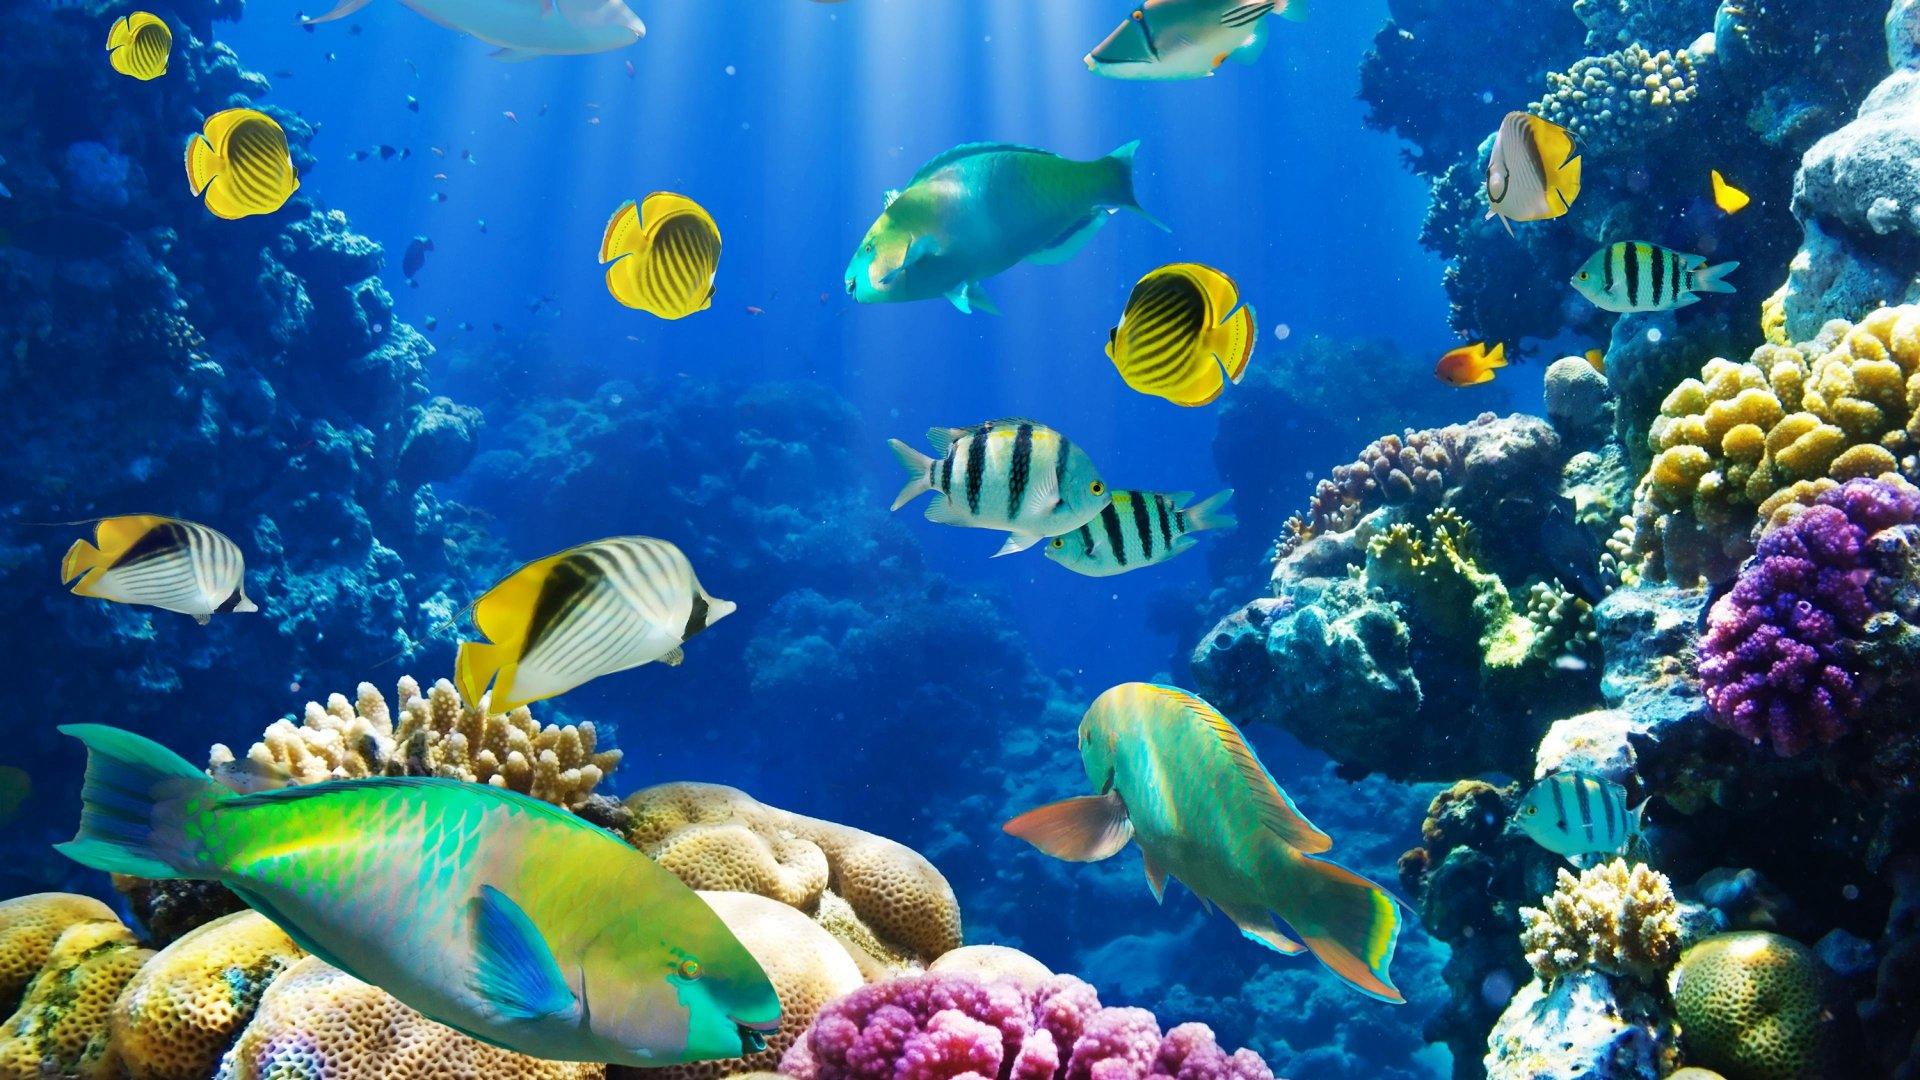 Fish Tank 3d Wallpaper Download Ocean Fish Wallpaper Hd Pixelstalk Net